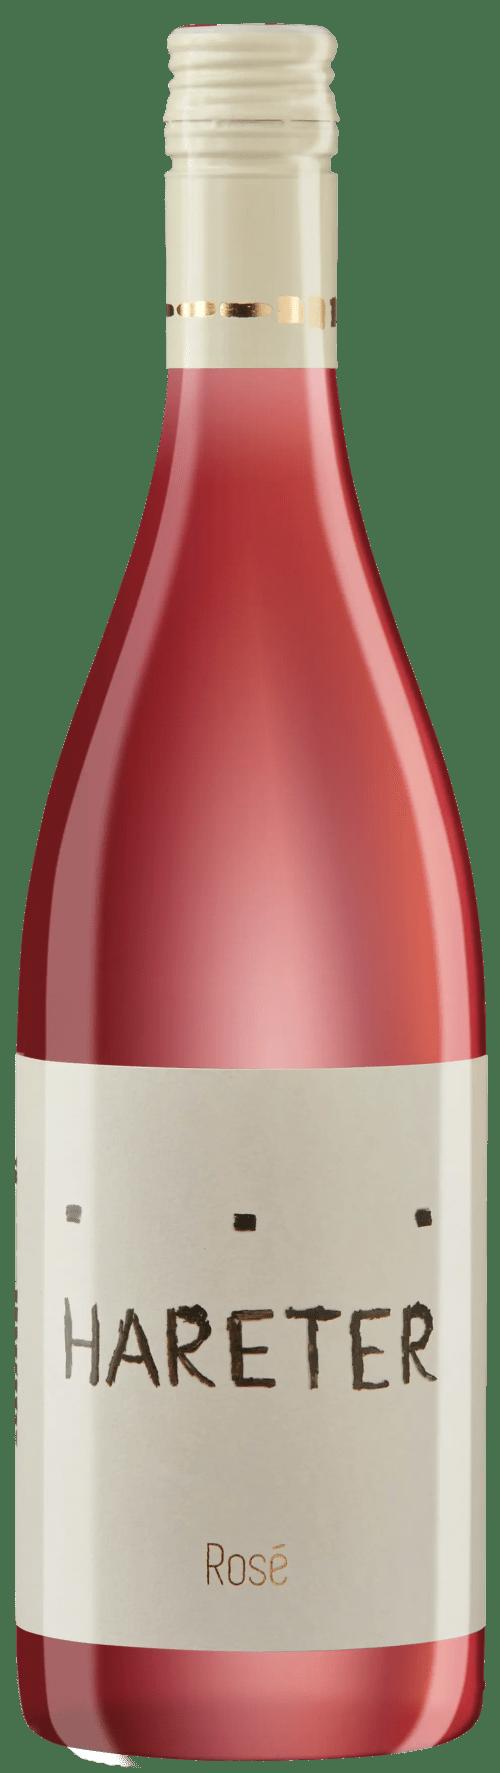 histaminfreier_Wein-histamingeprüfter_Wein-Weingut_Hareter-Weiden_am_See